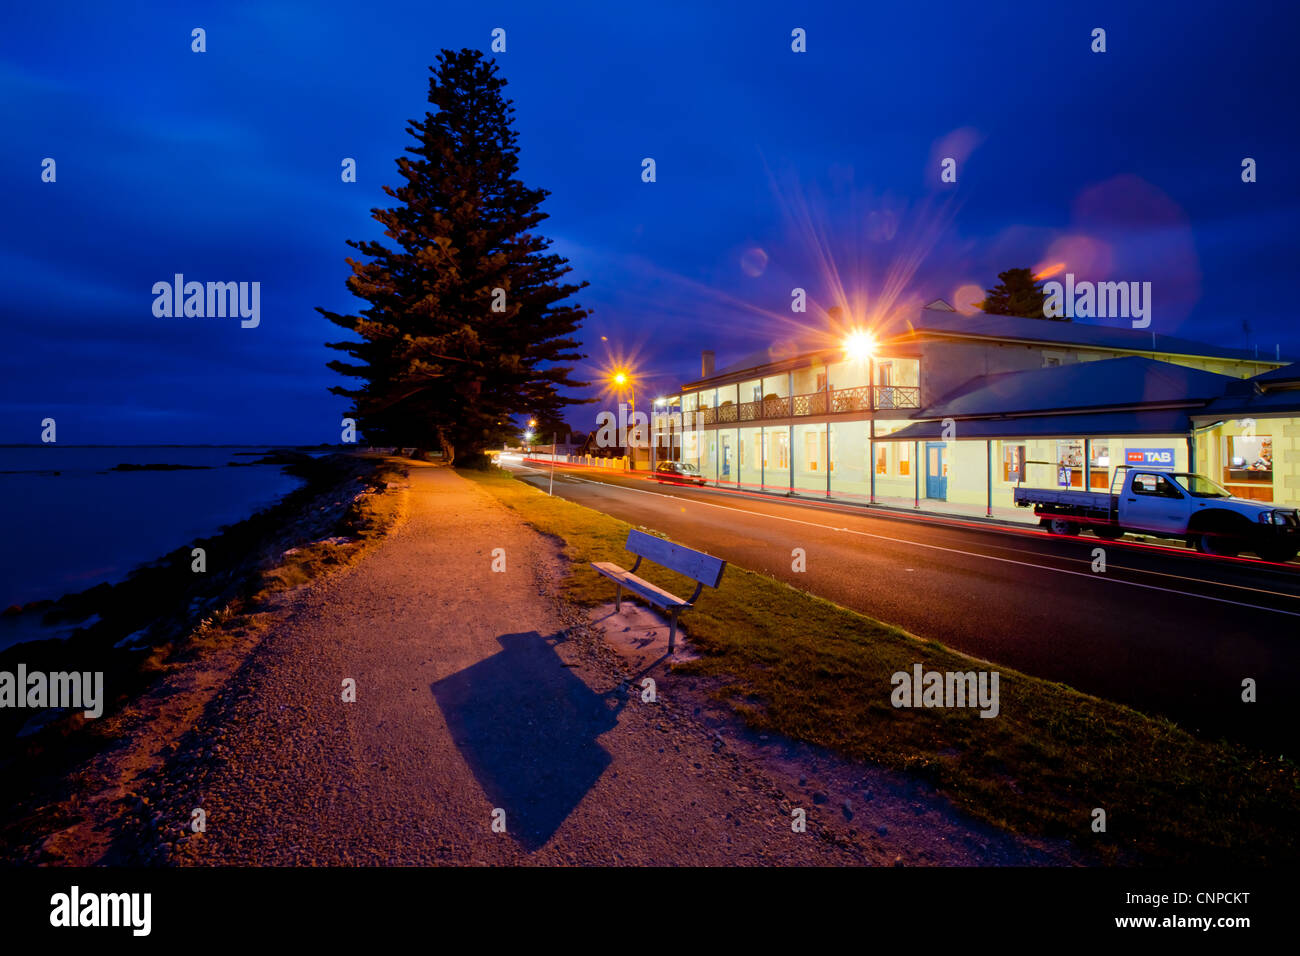 Gewand in der Abenddämmerung. Limestone Coast. Süd-Ost. South Australia. Stockbild